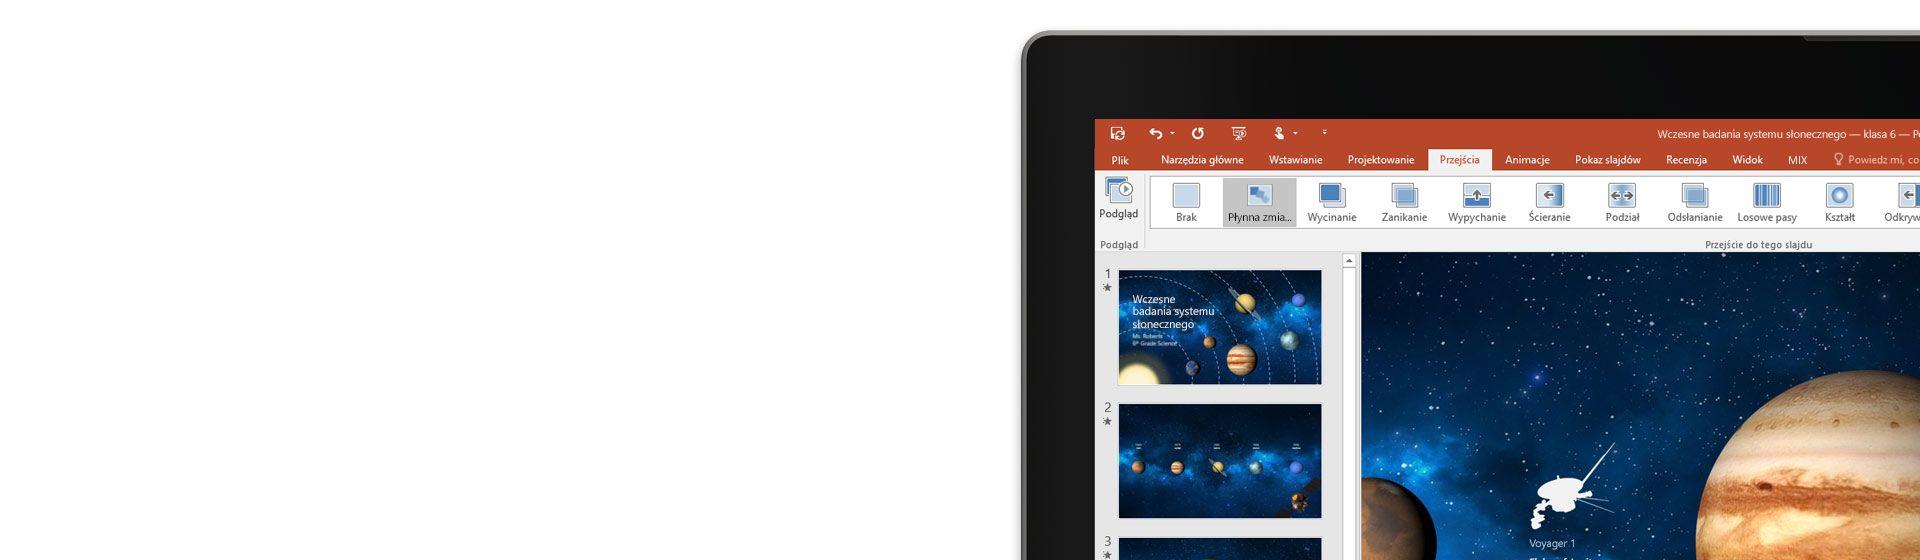 Ekran tabletu prezentujący funkcję Płynna zmiana na slajdzie programu PowerPoint.